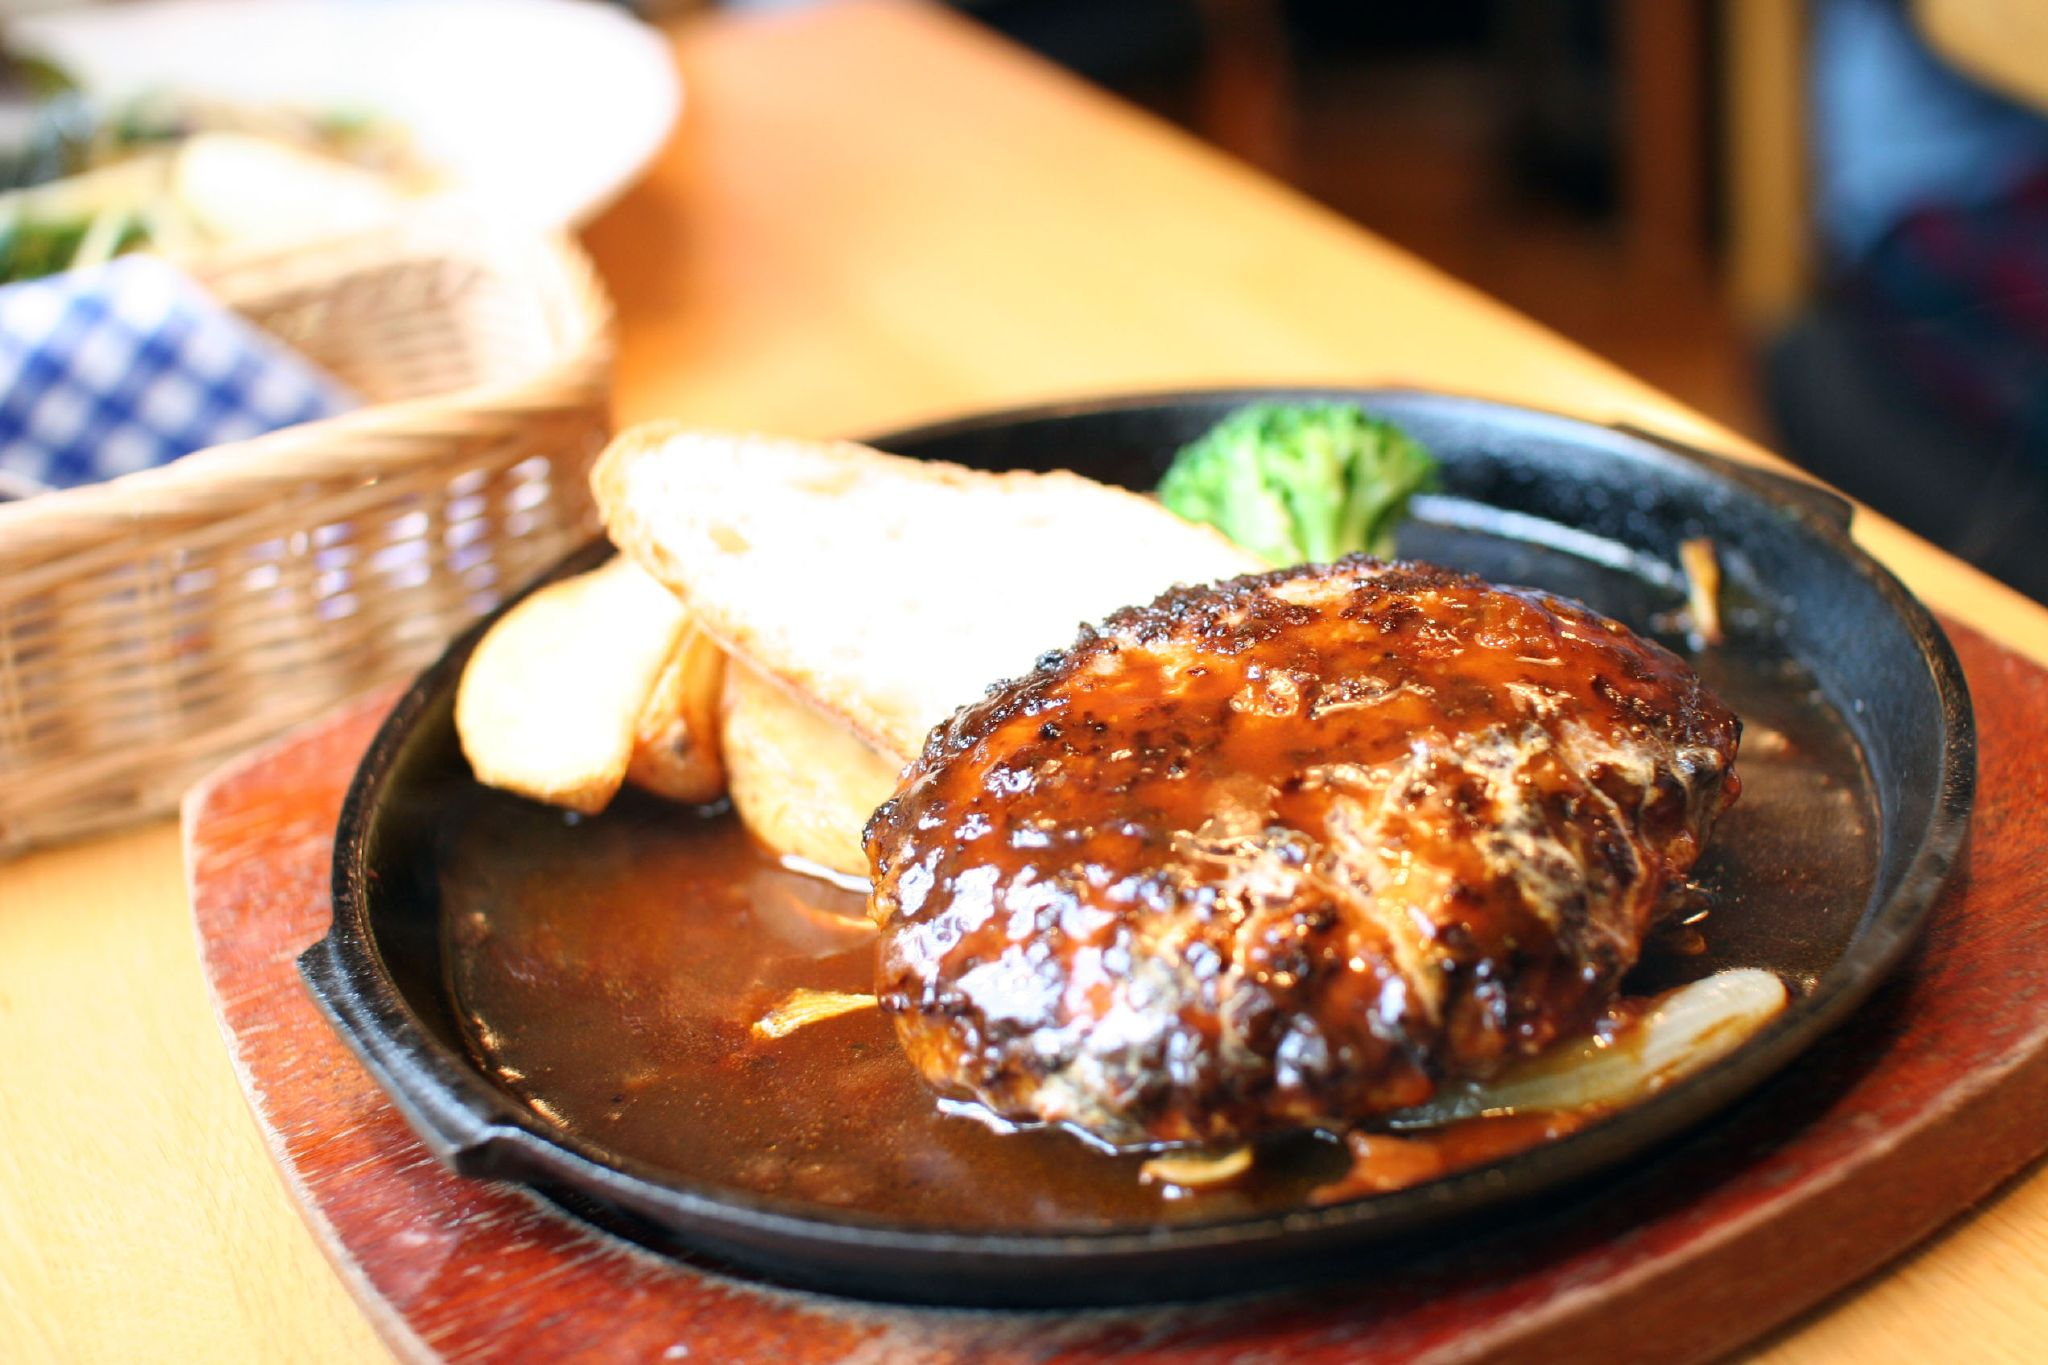 Hamburg steak - Wikipedia